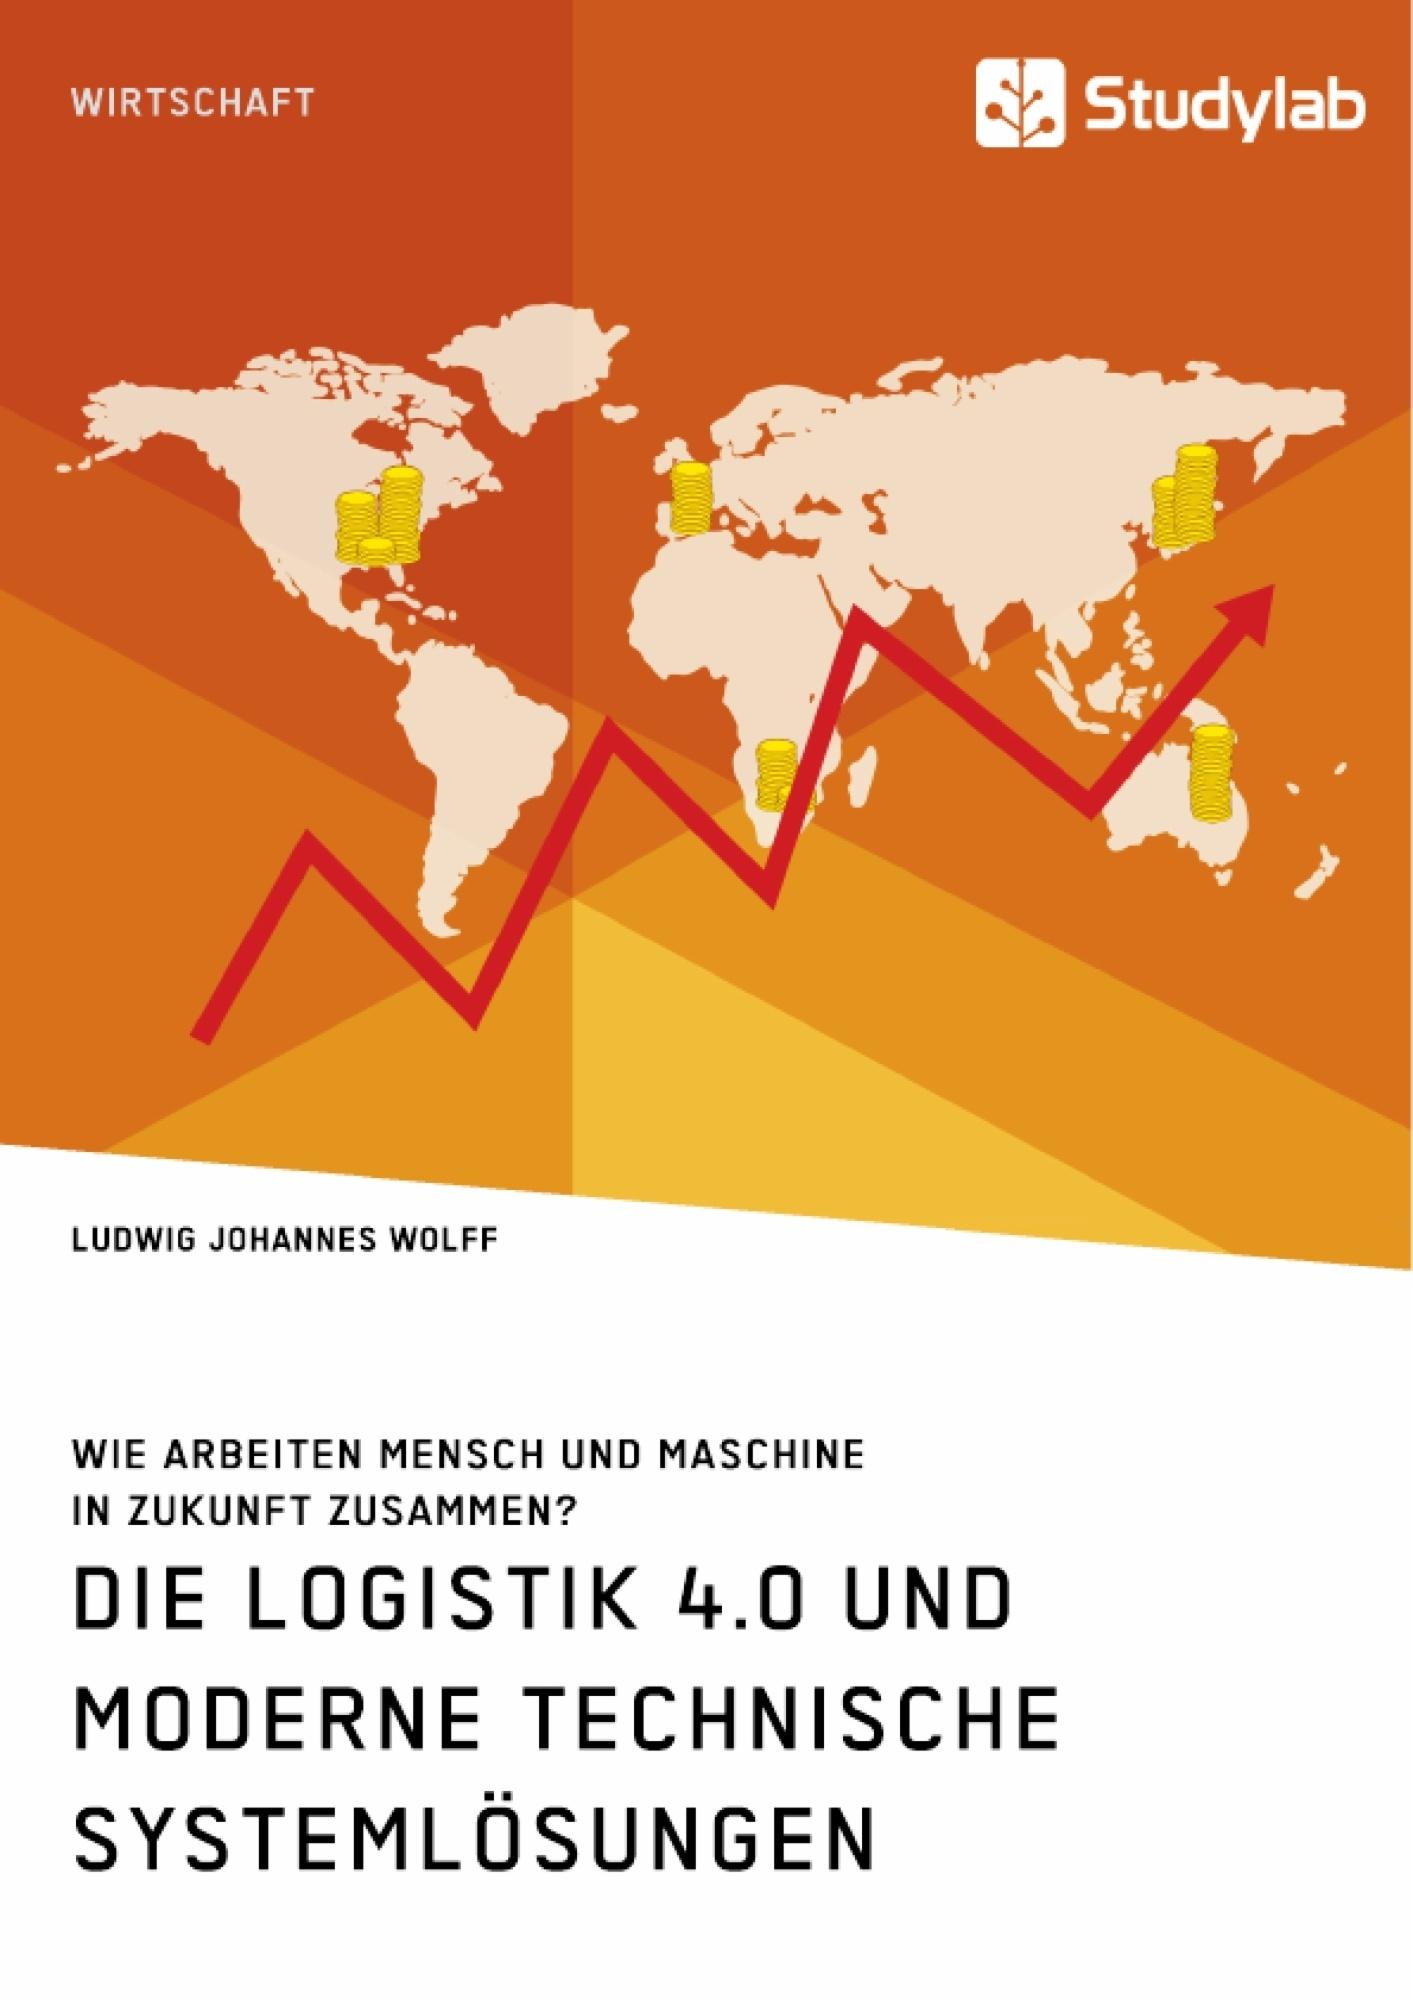 Titel: Die Logistik 4.0 und moderne technische Systemlösungen. Wie arbeiten Mensch und Maschine in Zukunft zusammen?